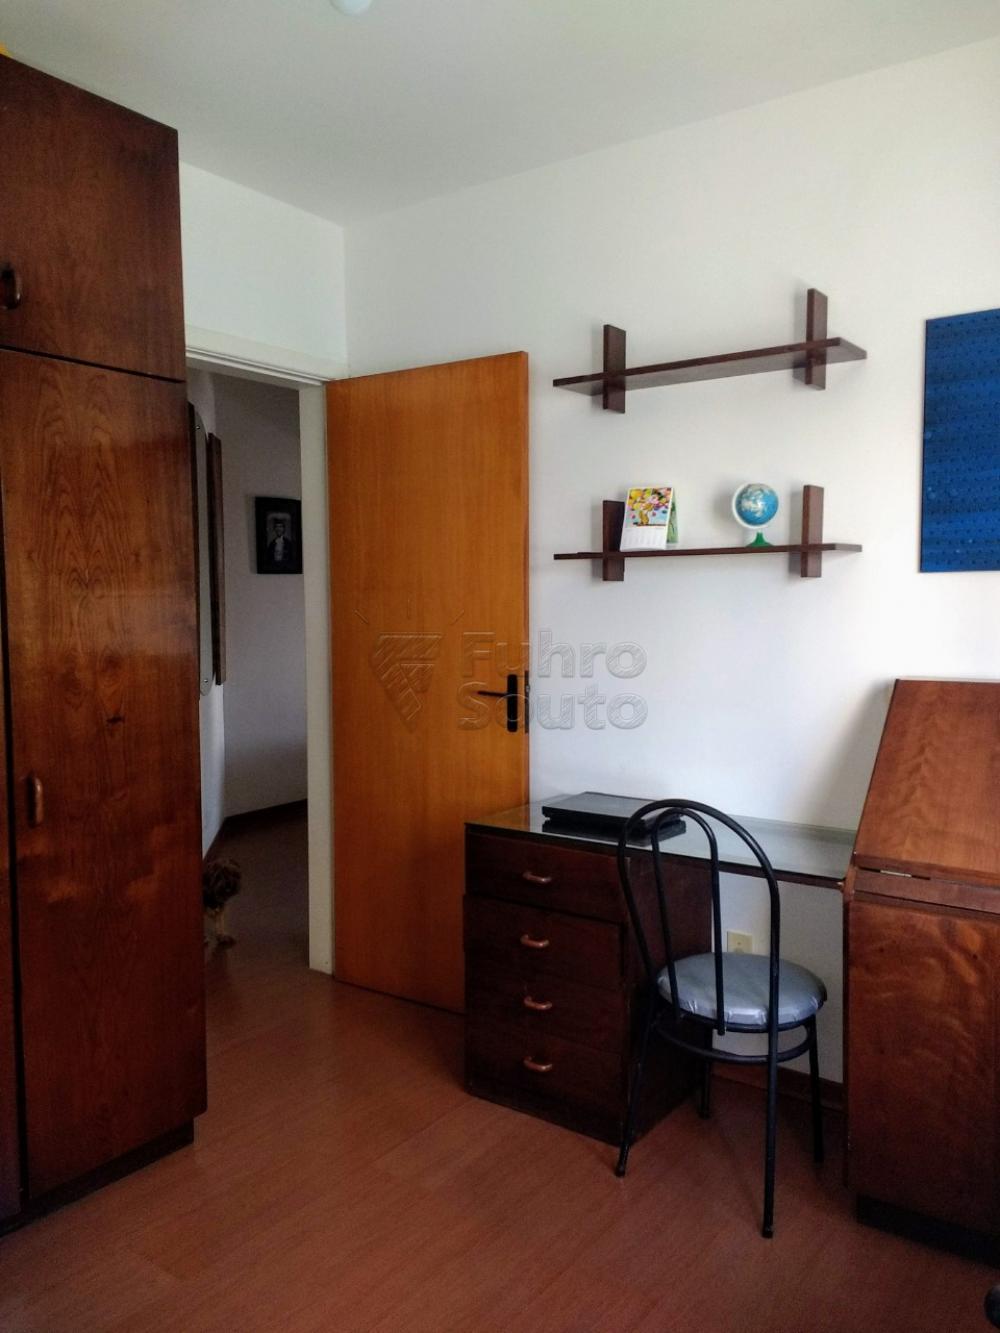 Comprar Apartamento / Cobertura em Pelotas R$ 750.000,00 - Foto 7